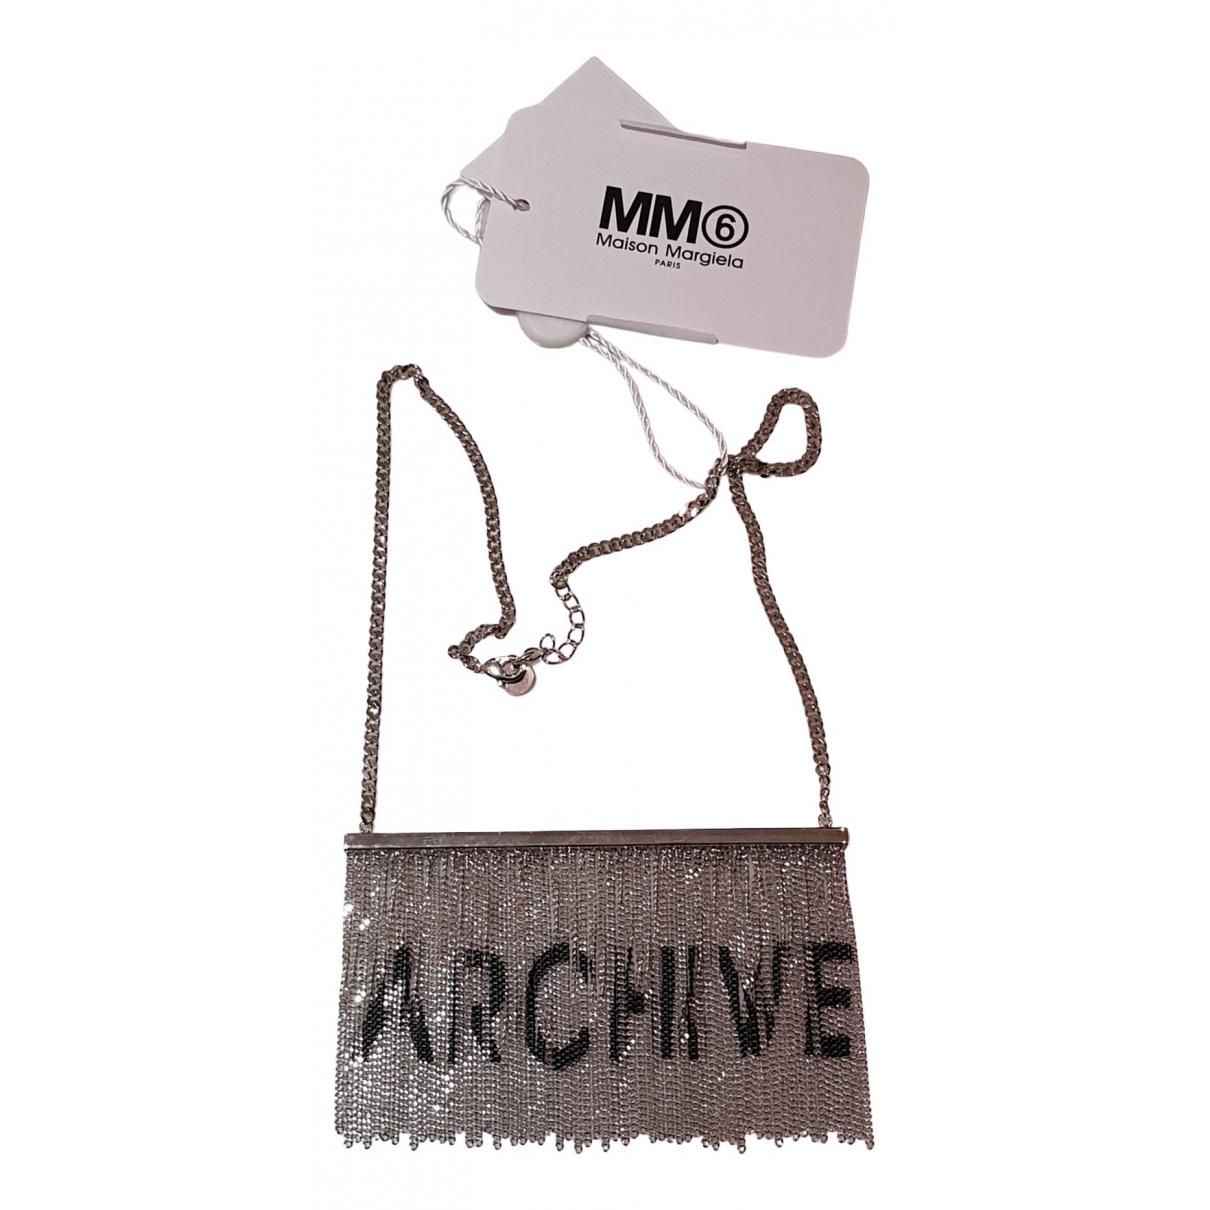 Mm6 - Collier   pour femme en metal - argente